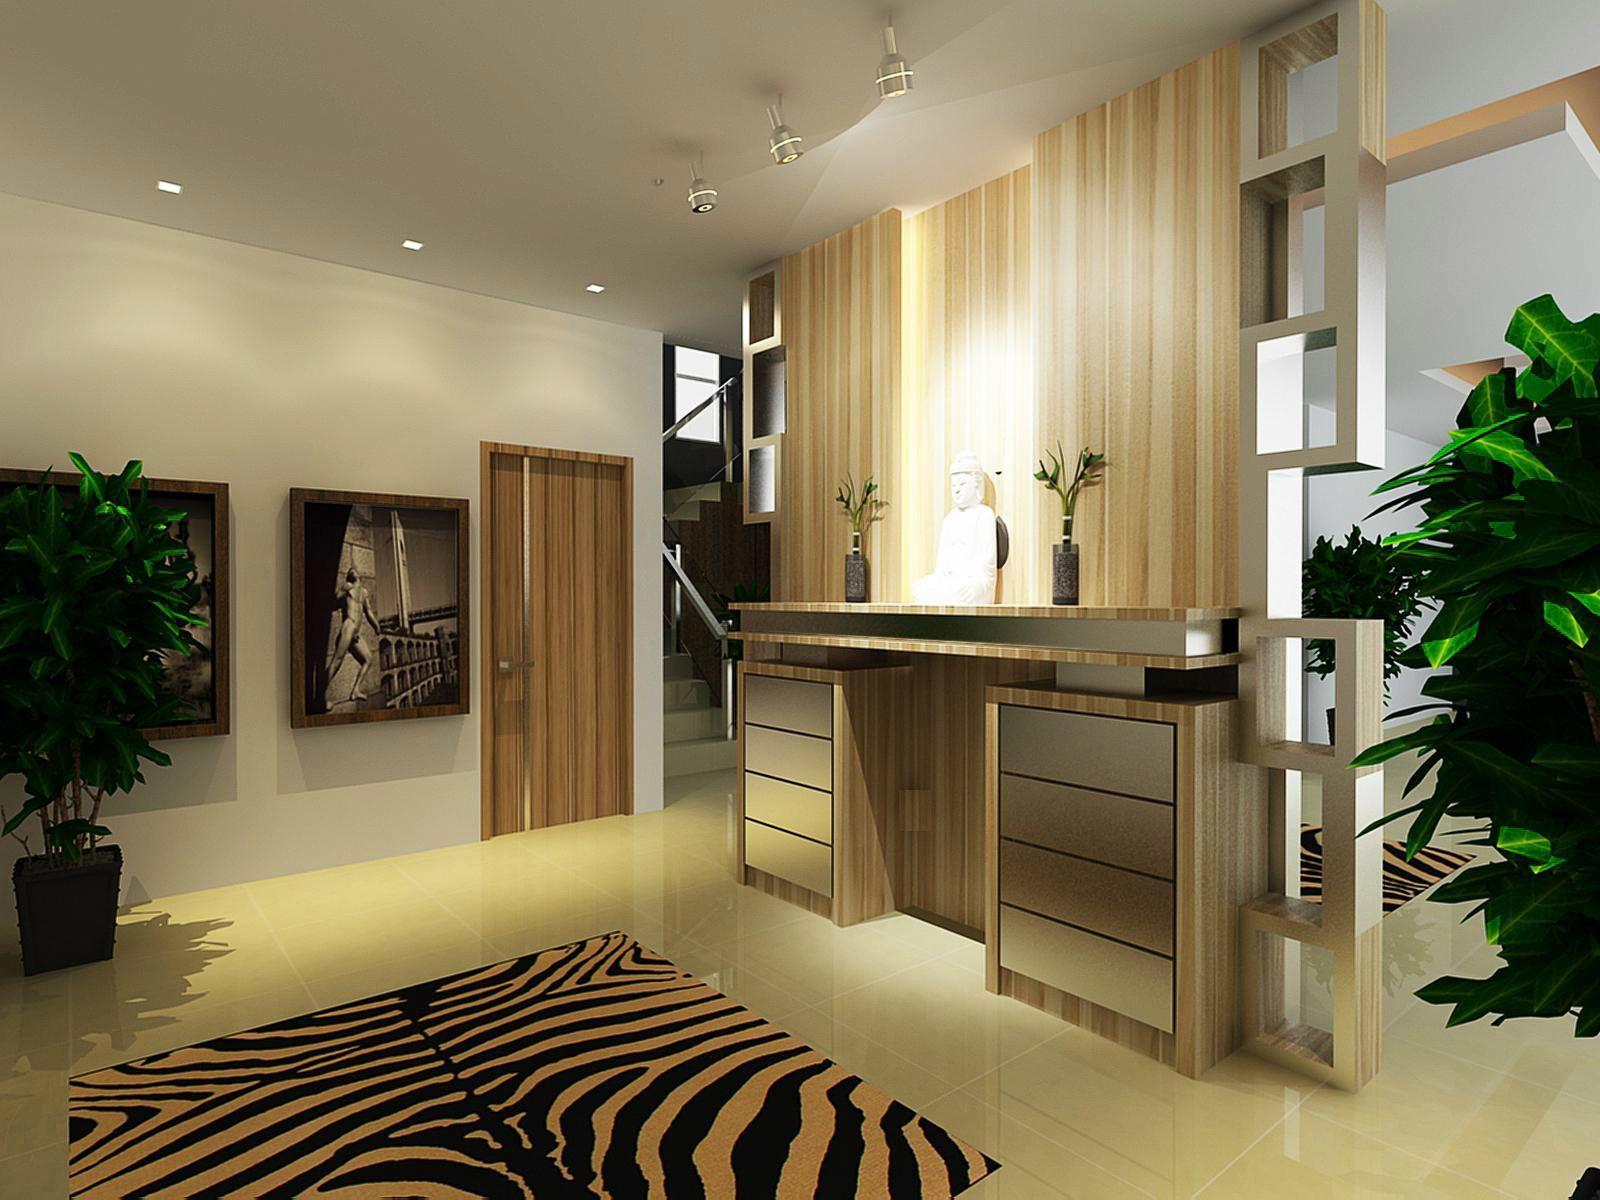 Image Result For Modern Altar Altar Design Residential Design Home Deco